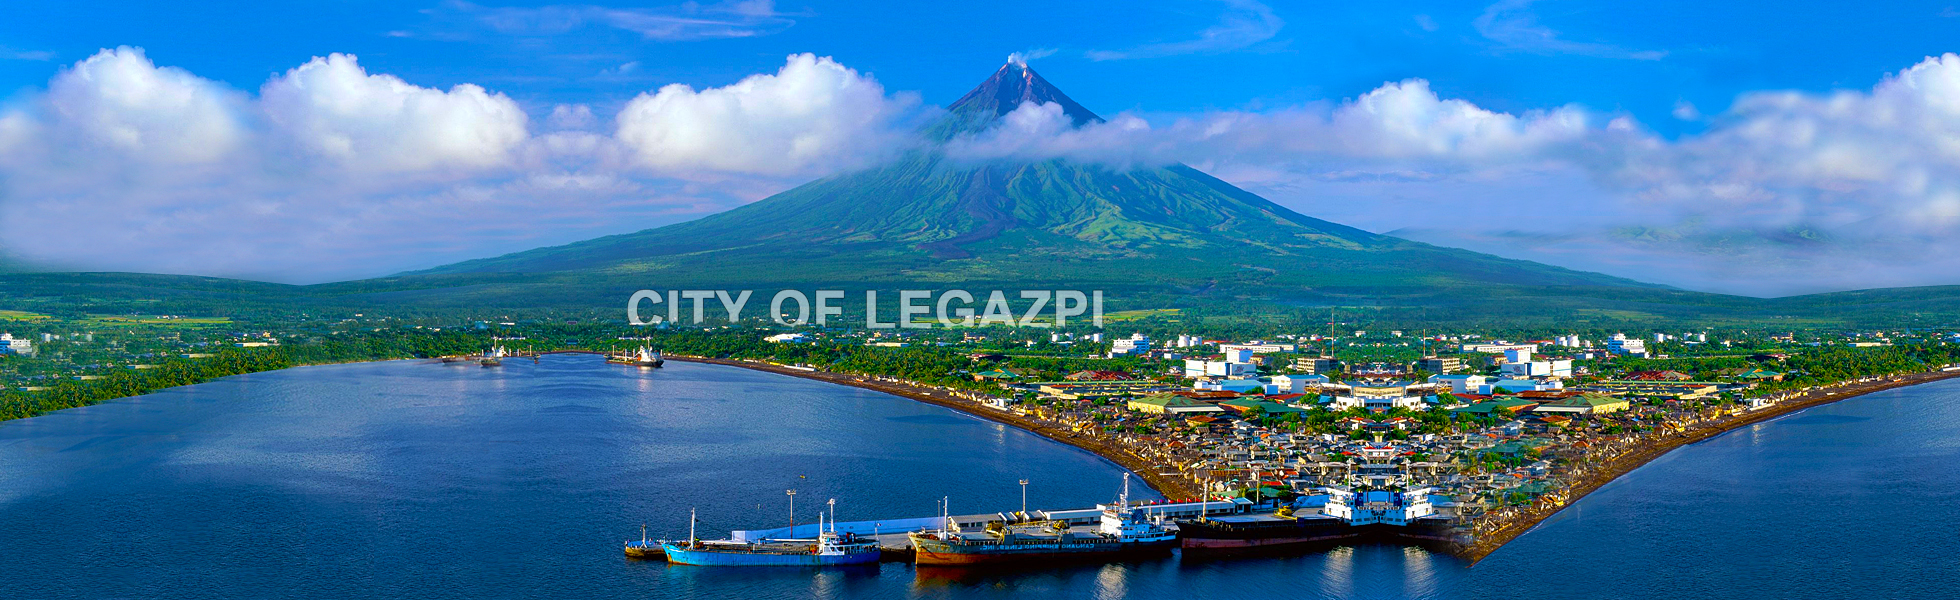 legazpi-city-big1